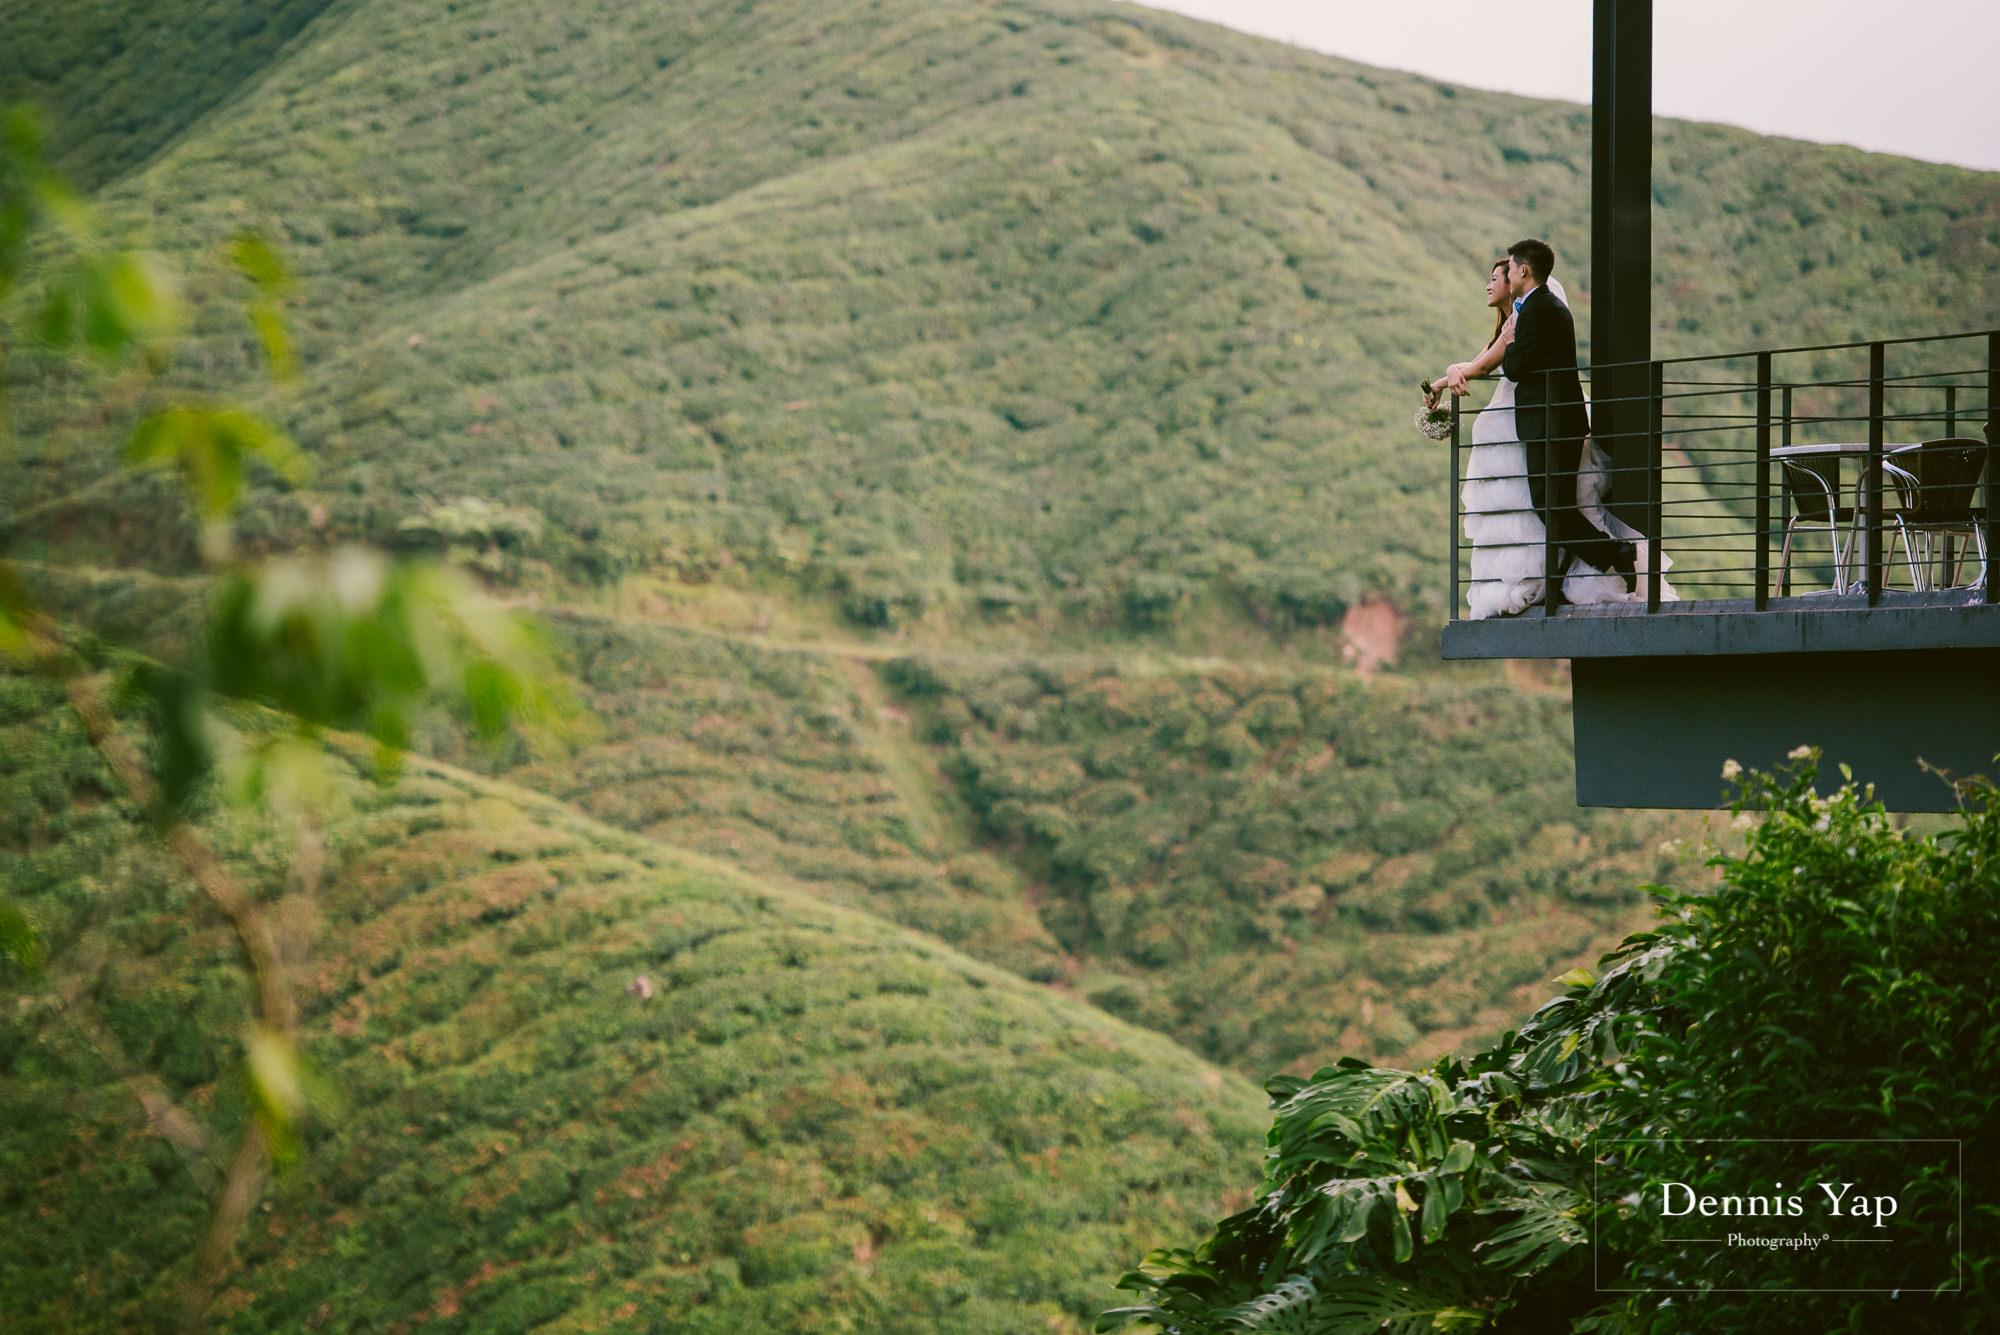 chay xiang alicia pre wedding cameron highland smoke house tea plantation dennis yap photography-5.jpg